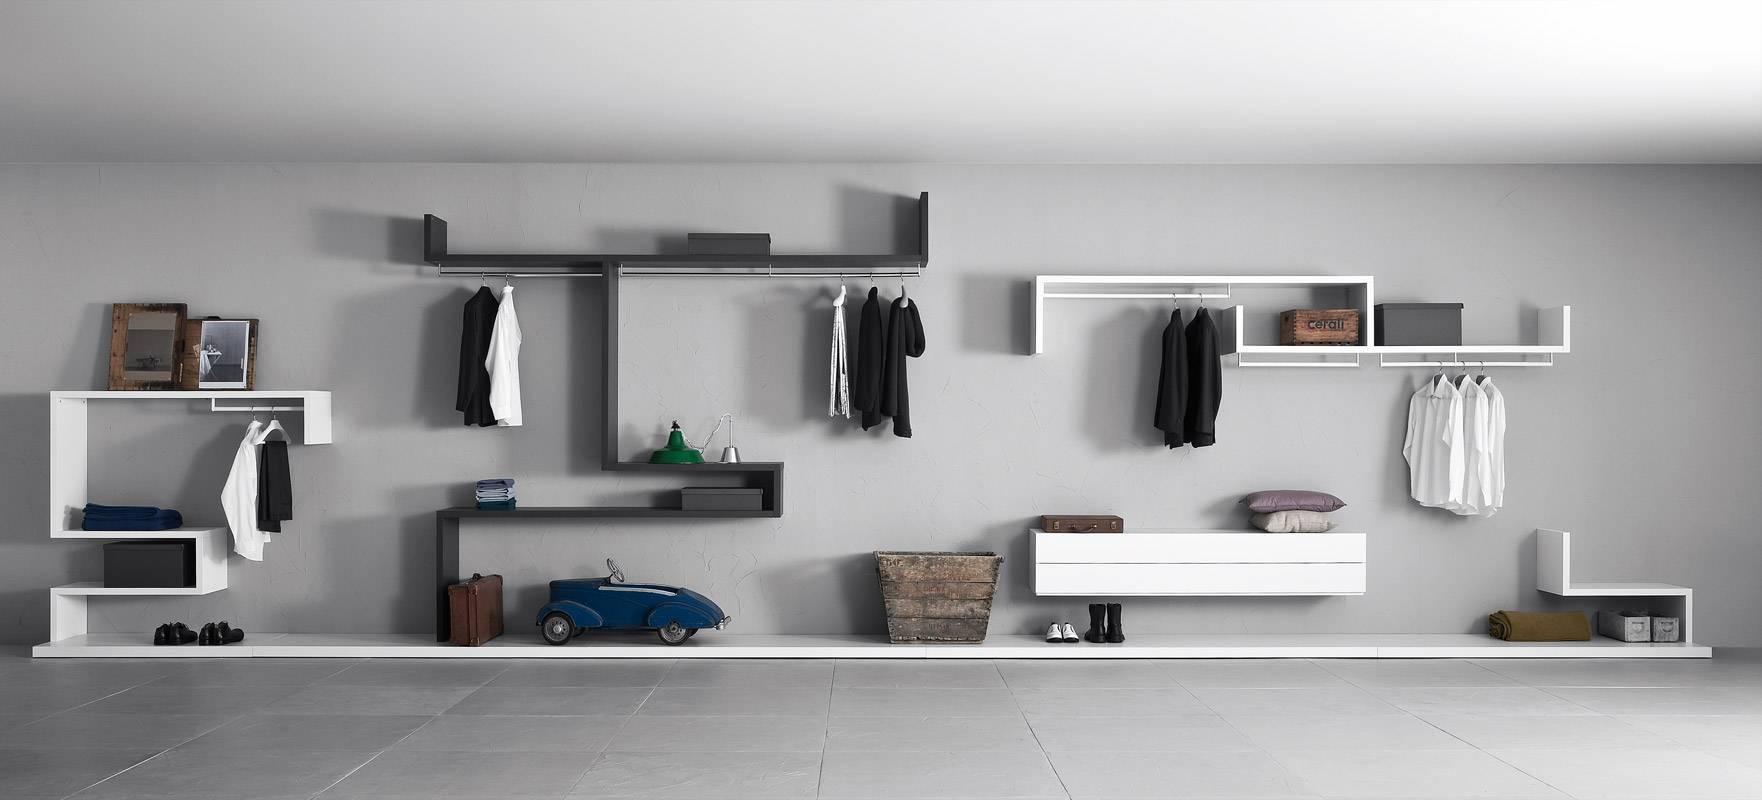 Arredare corridoio lungo consigli pratici e foto di esempi - Camera da letto pianca ...